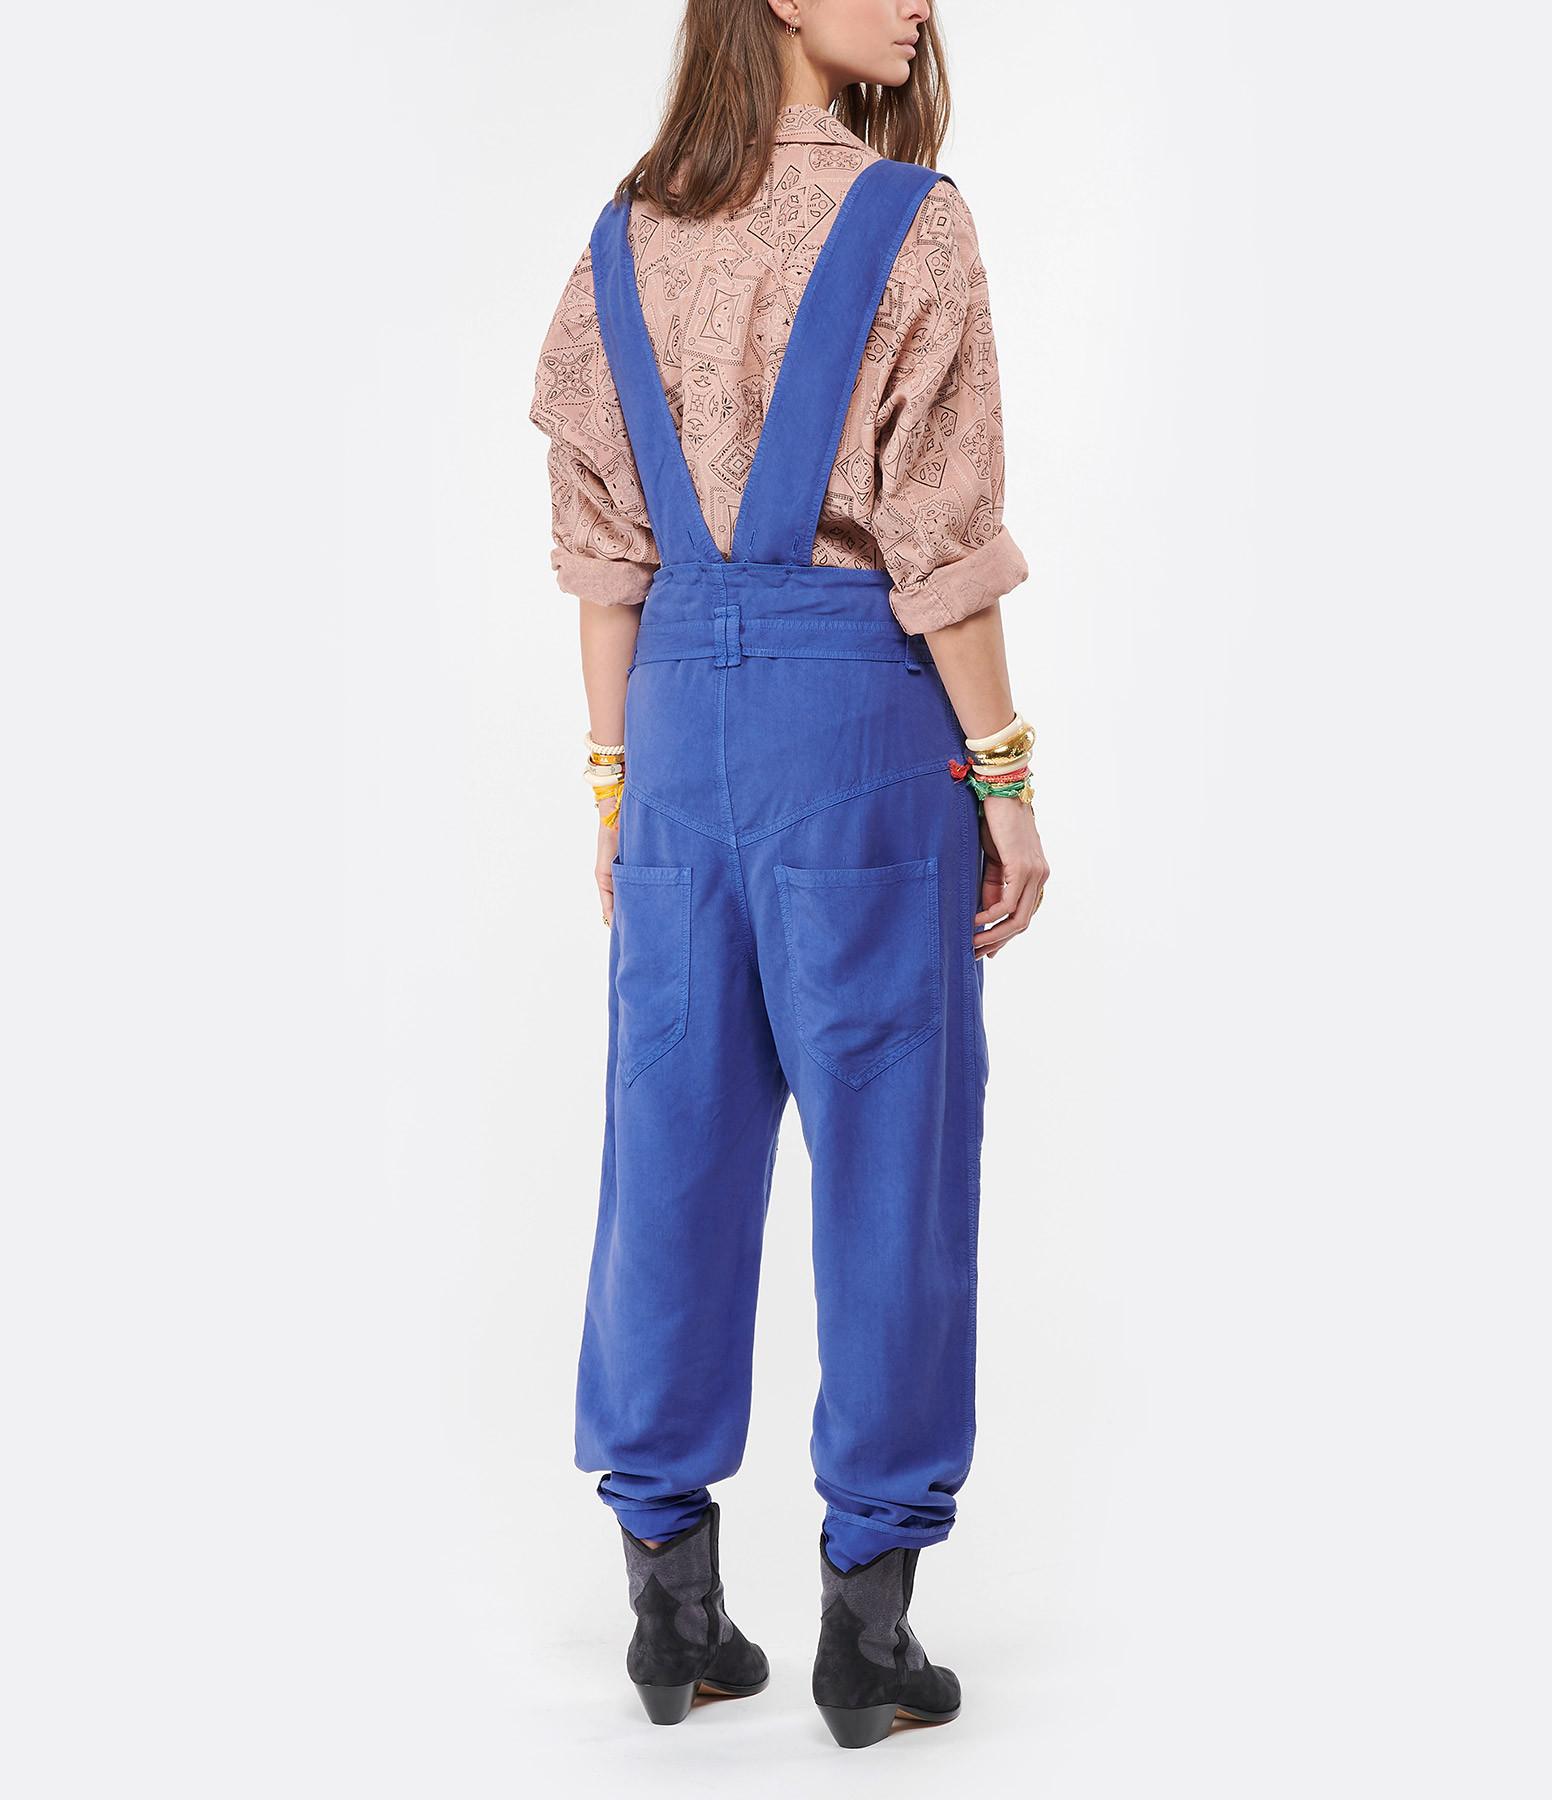 ISABEL MARANT - Pantalon Fineba Bleu Électrique